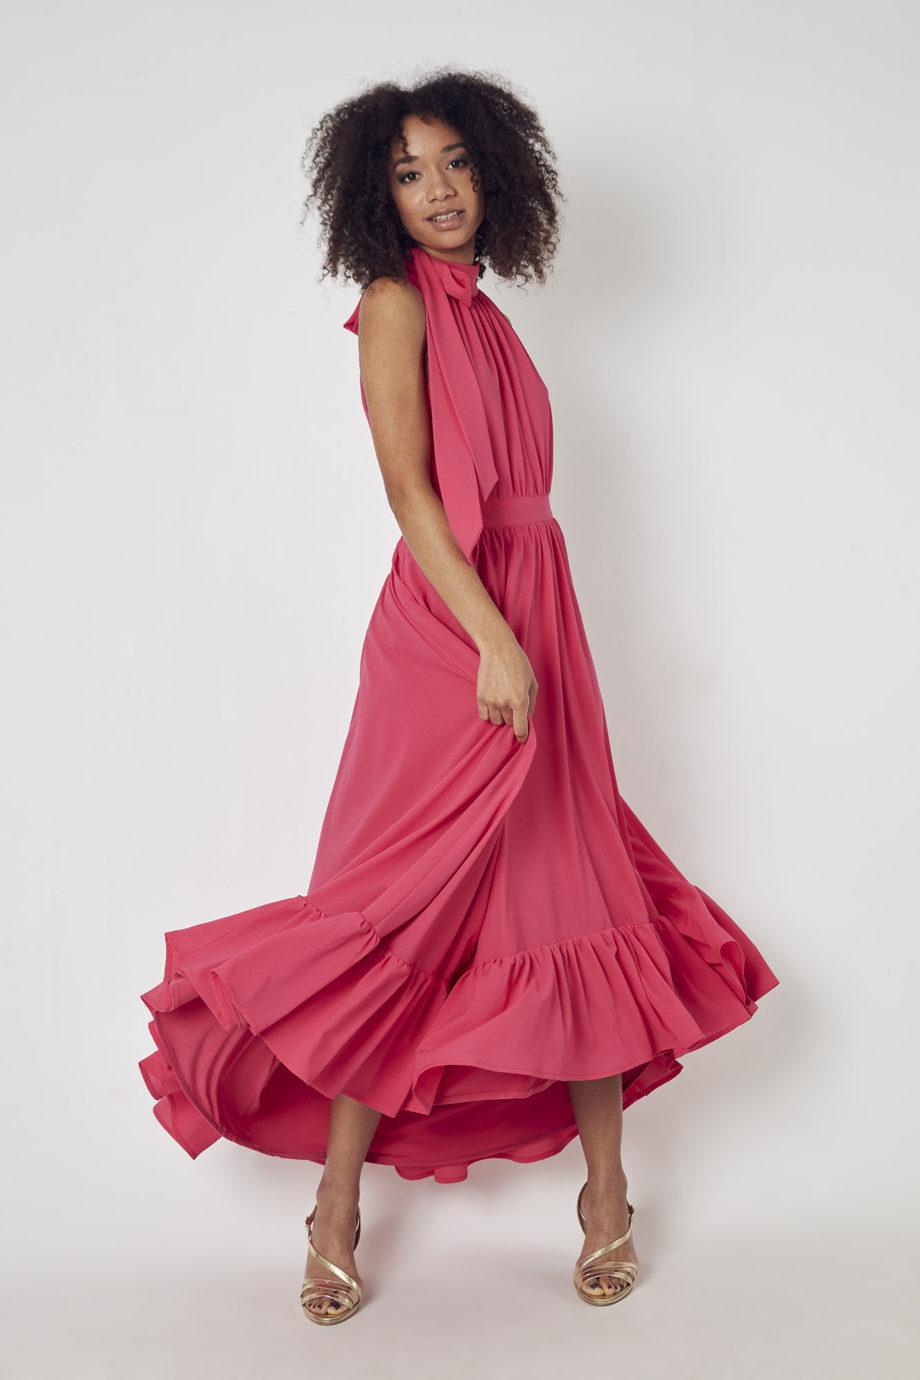 La-bocoque-vestido-coctel-pink-power